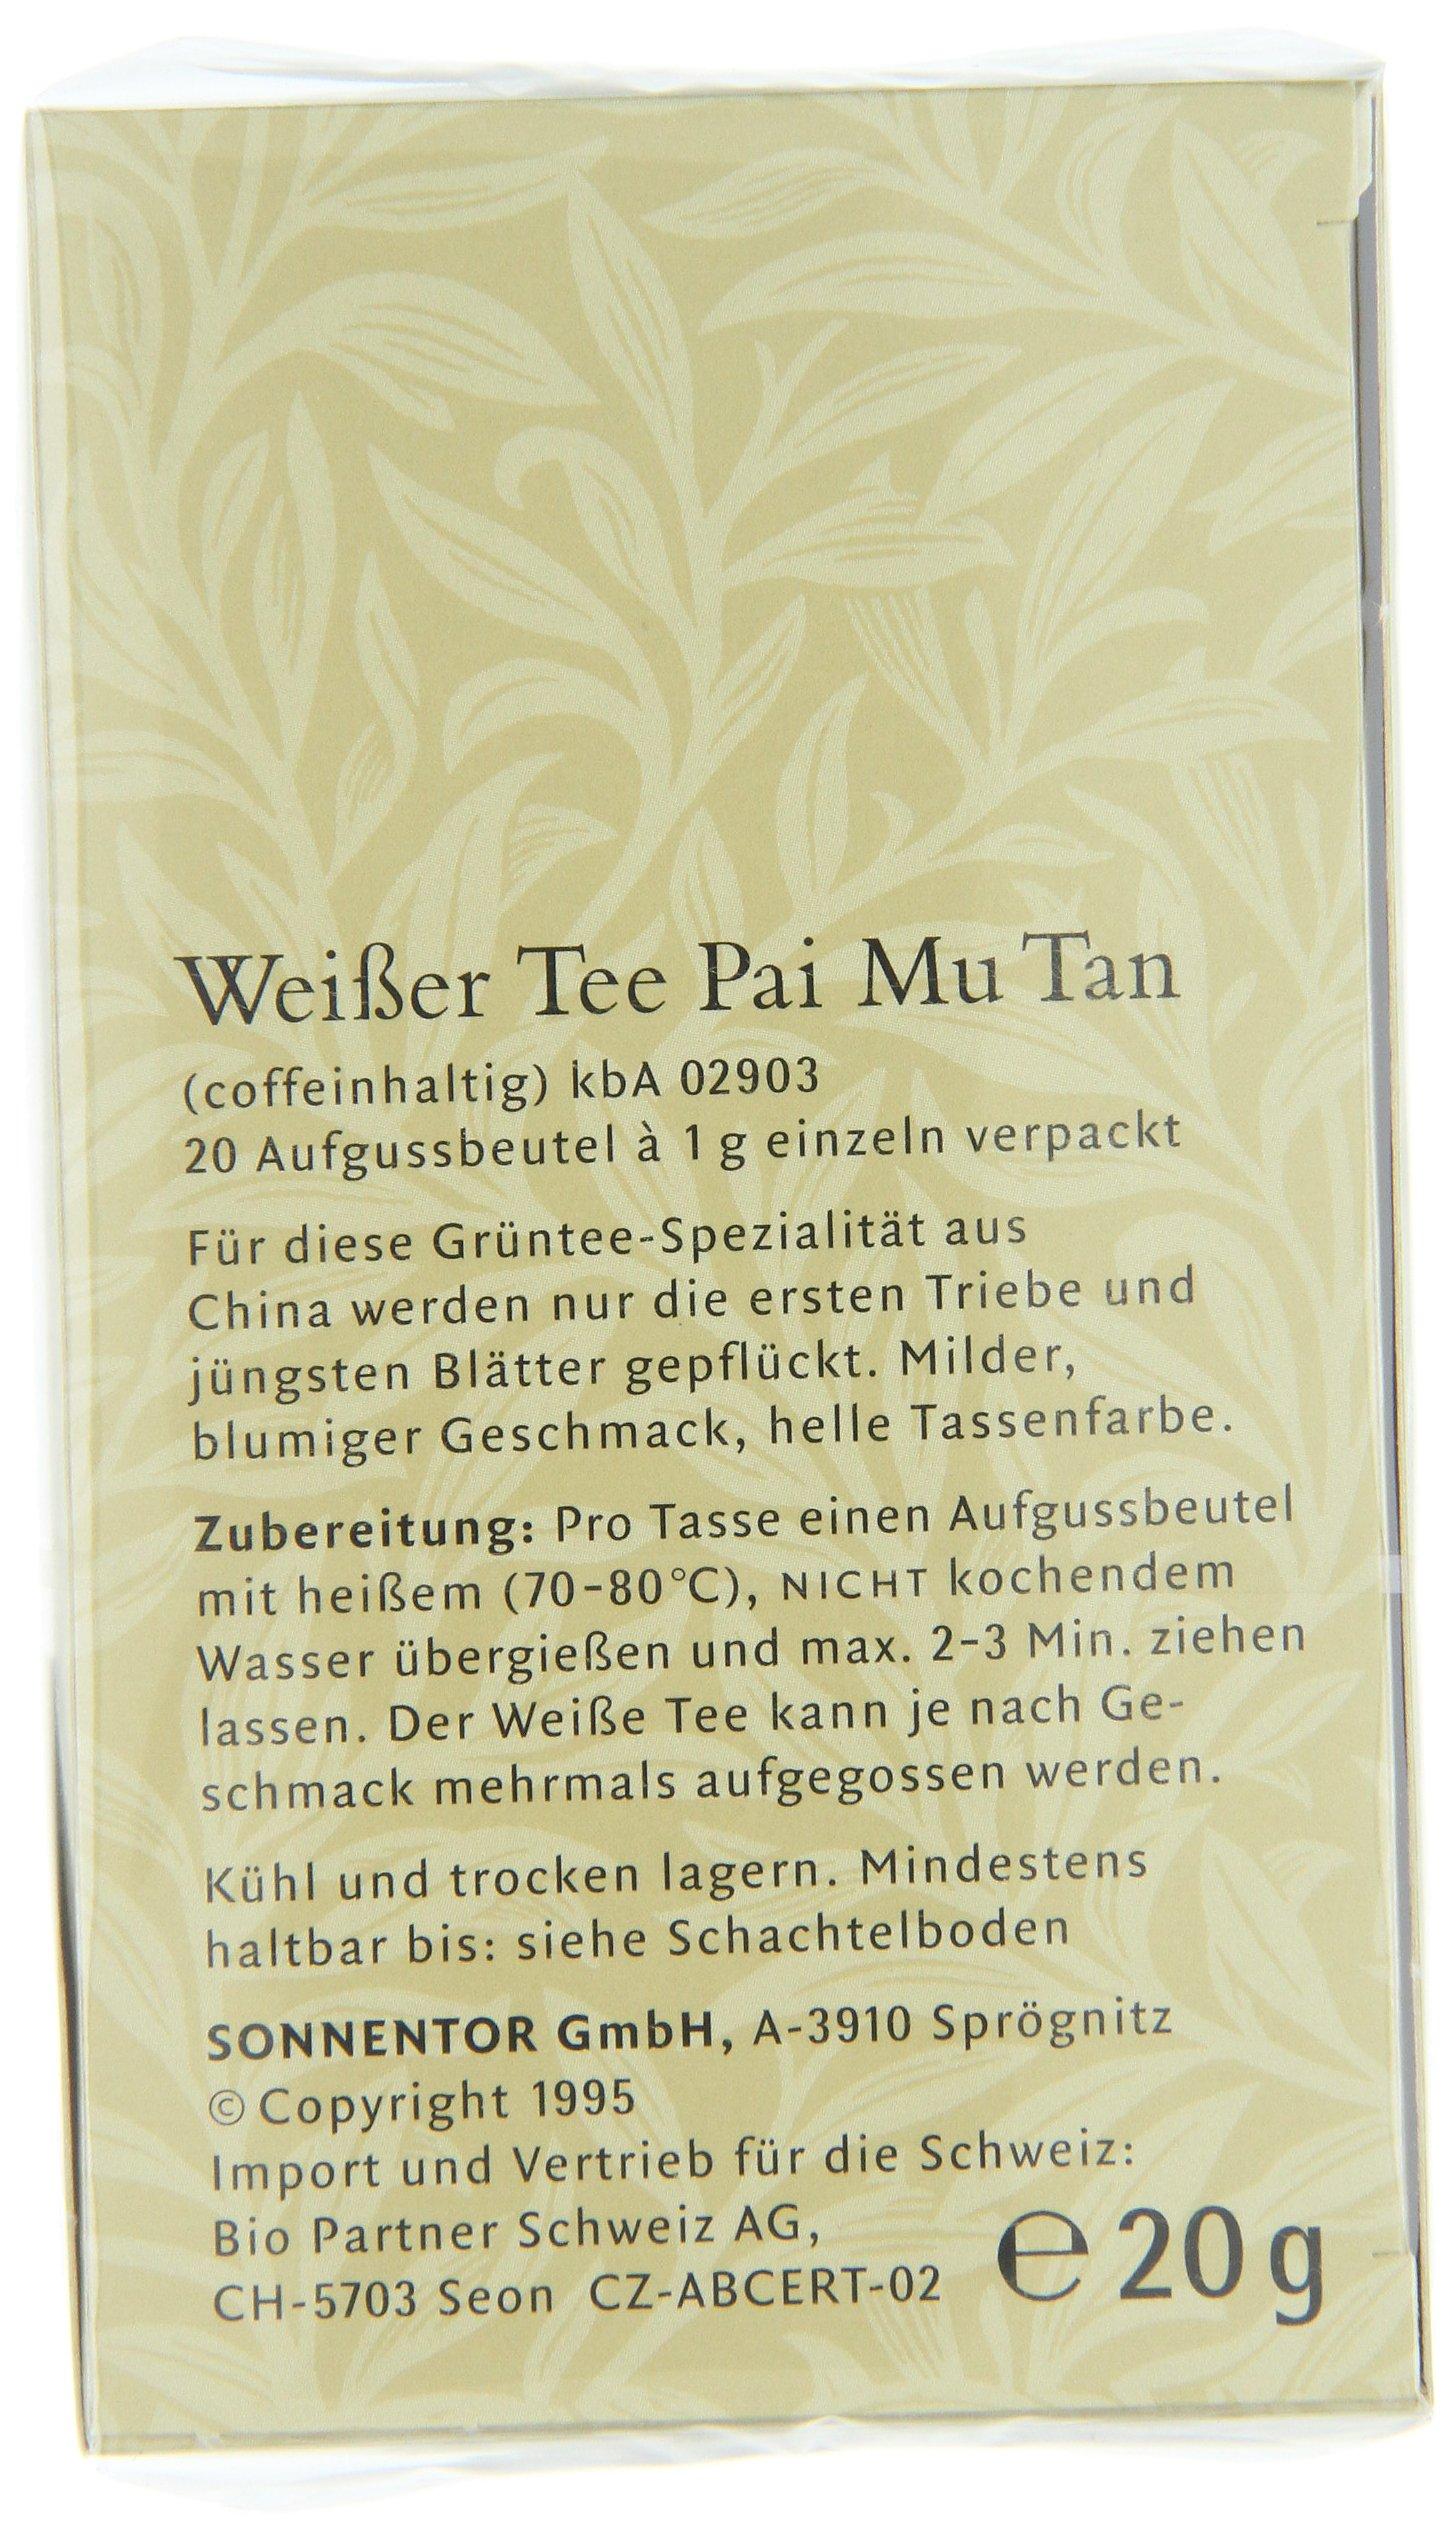 Sonnentor-Weier-Tee-Pai-Mu-Tan-Teebeutel-2er-Pack-2-x-20-g-Bio